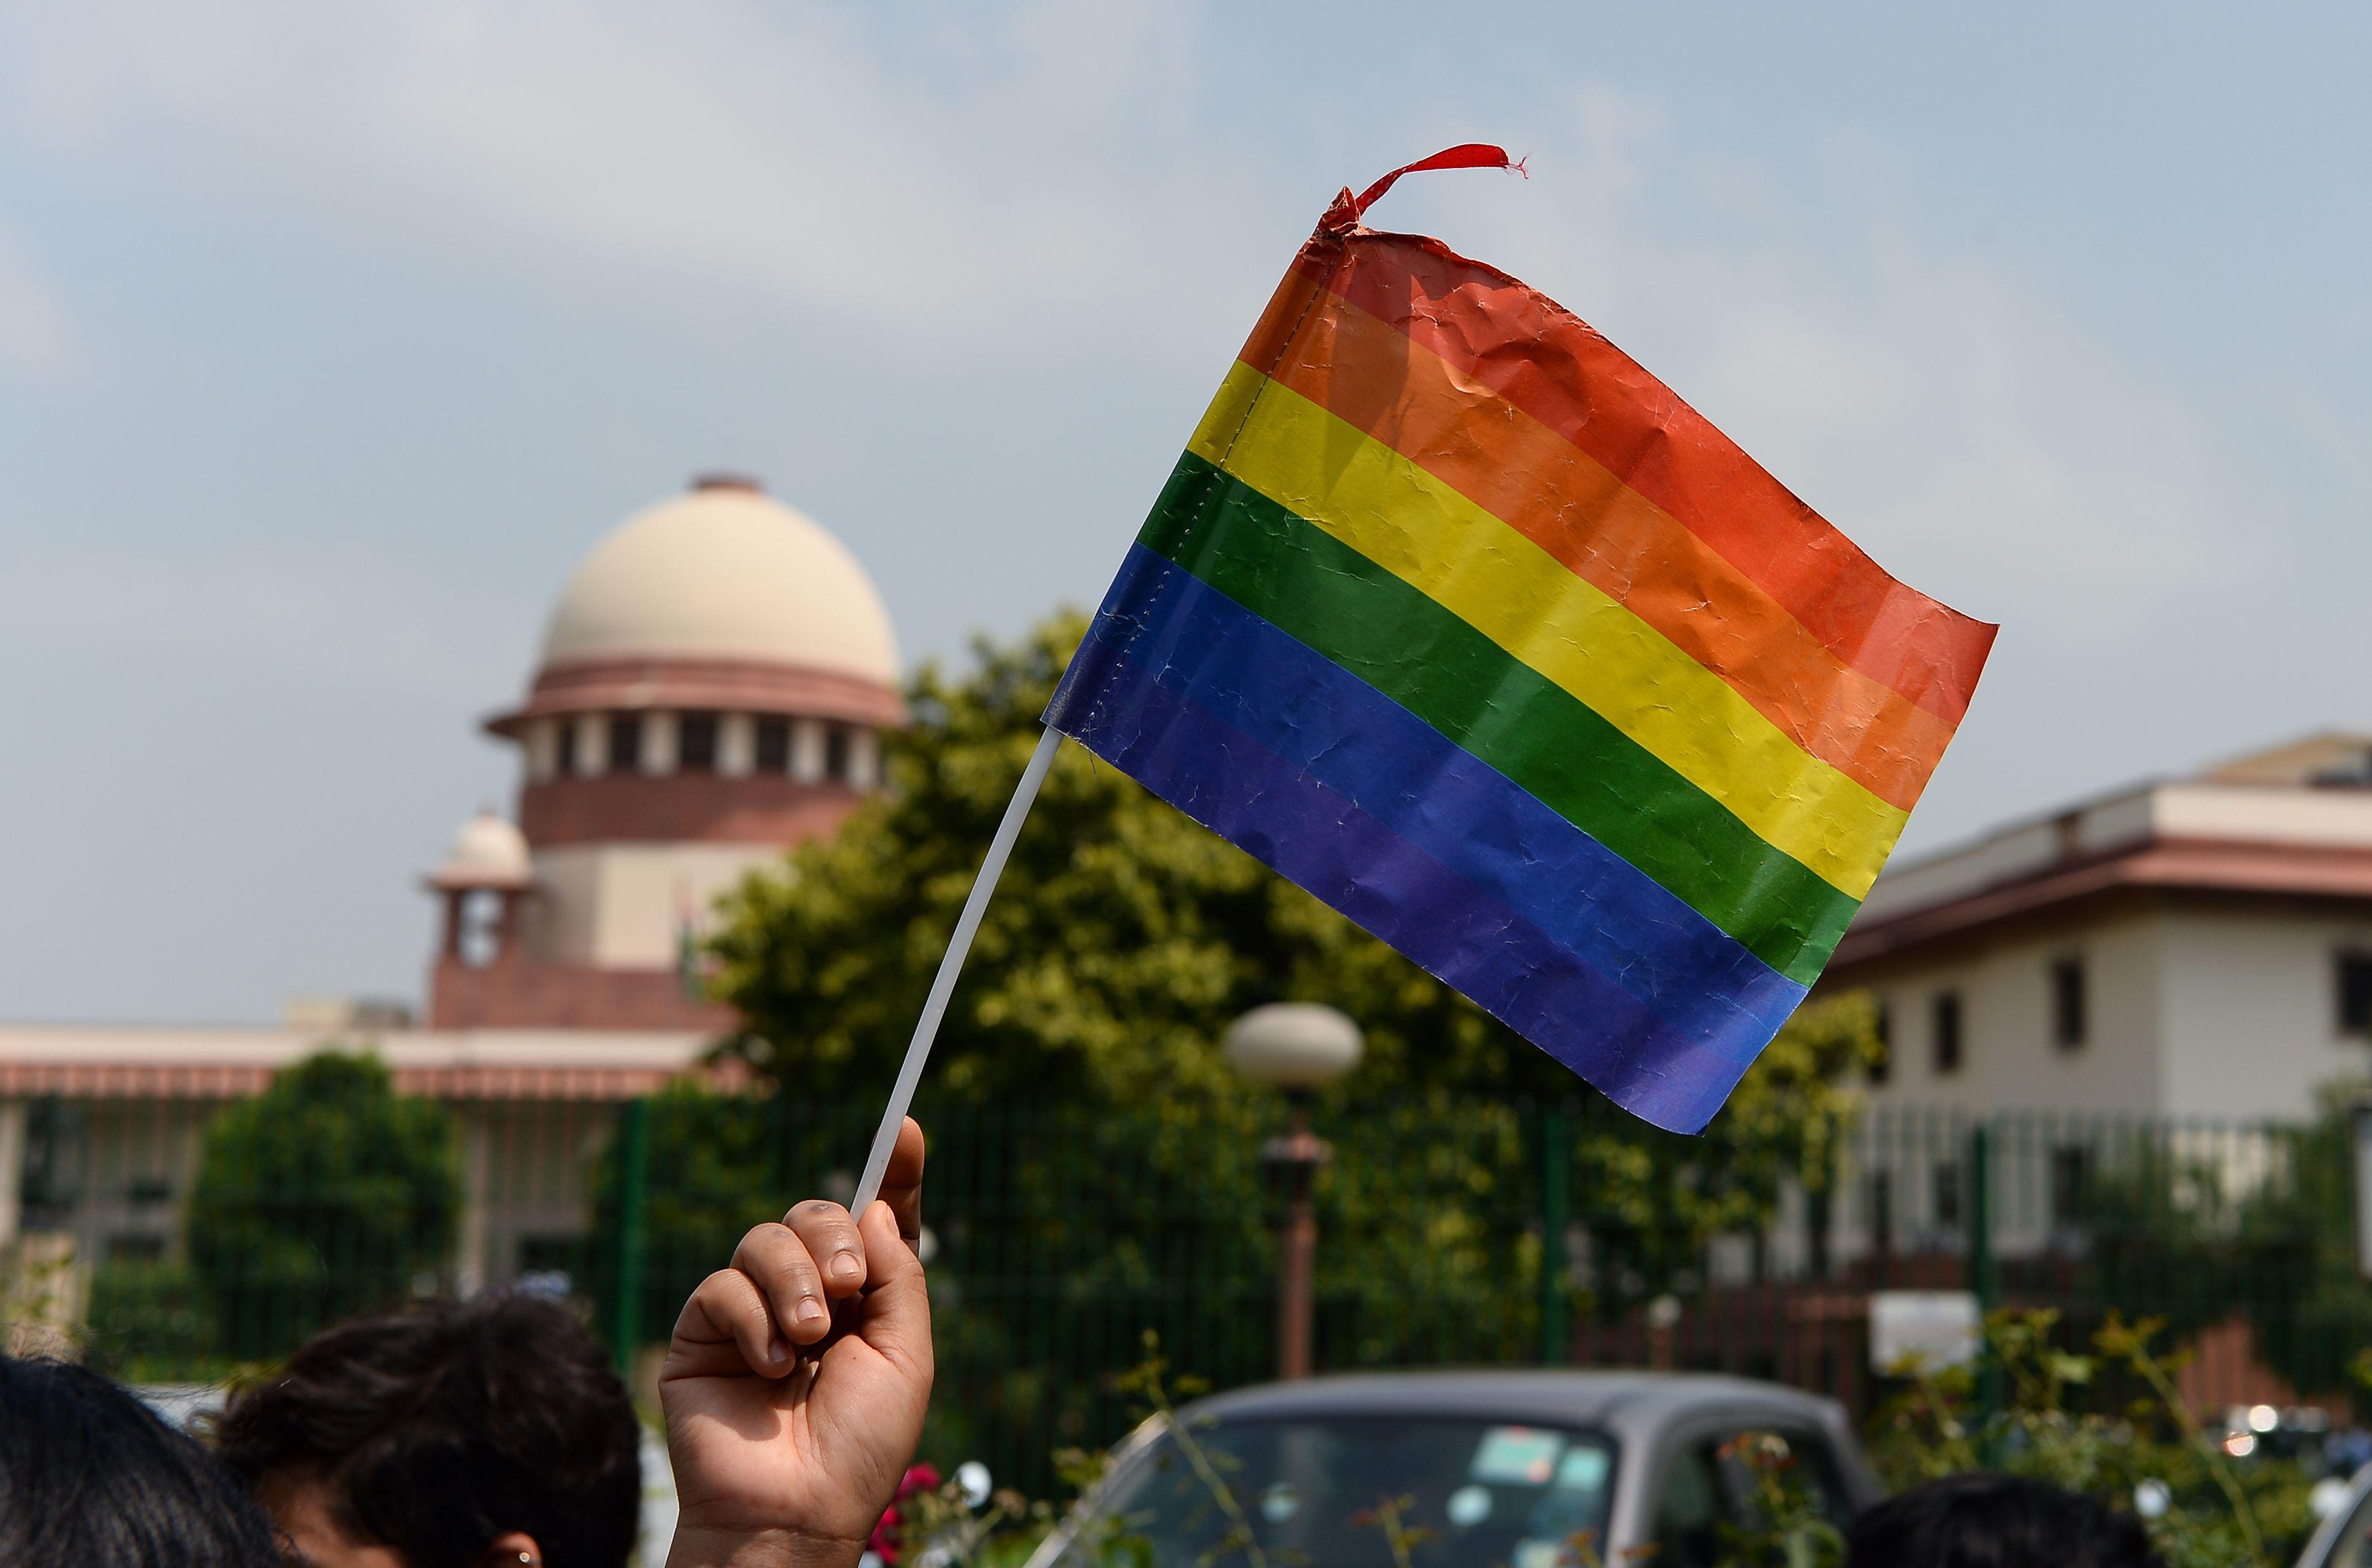 اعلام المثليين ترتفع فى الهند